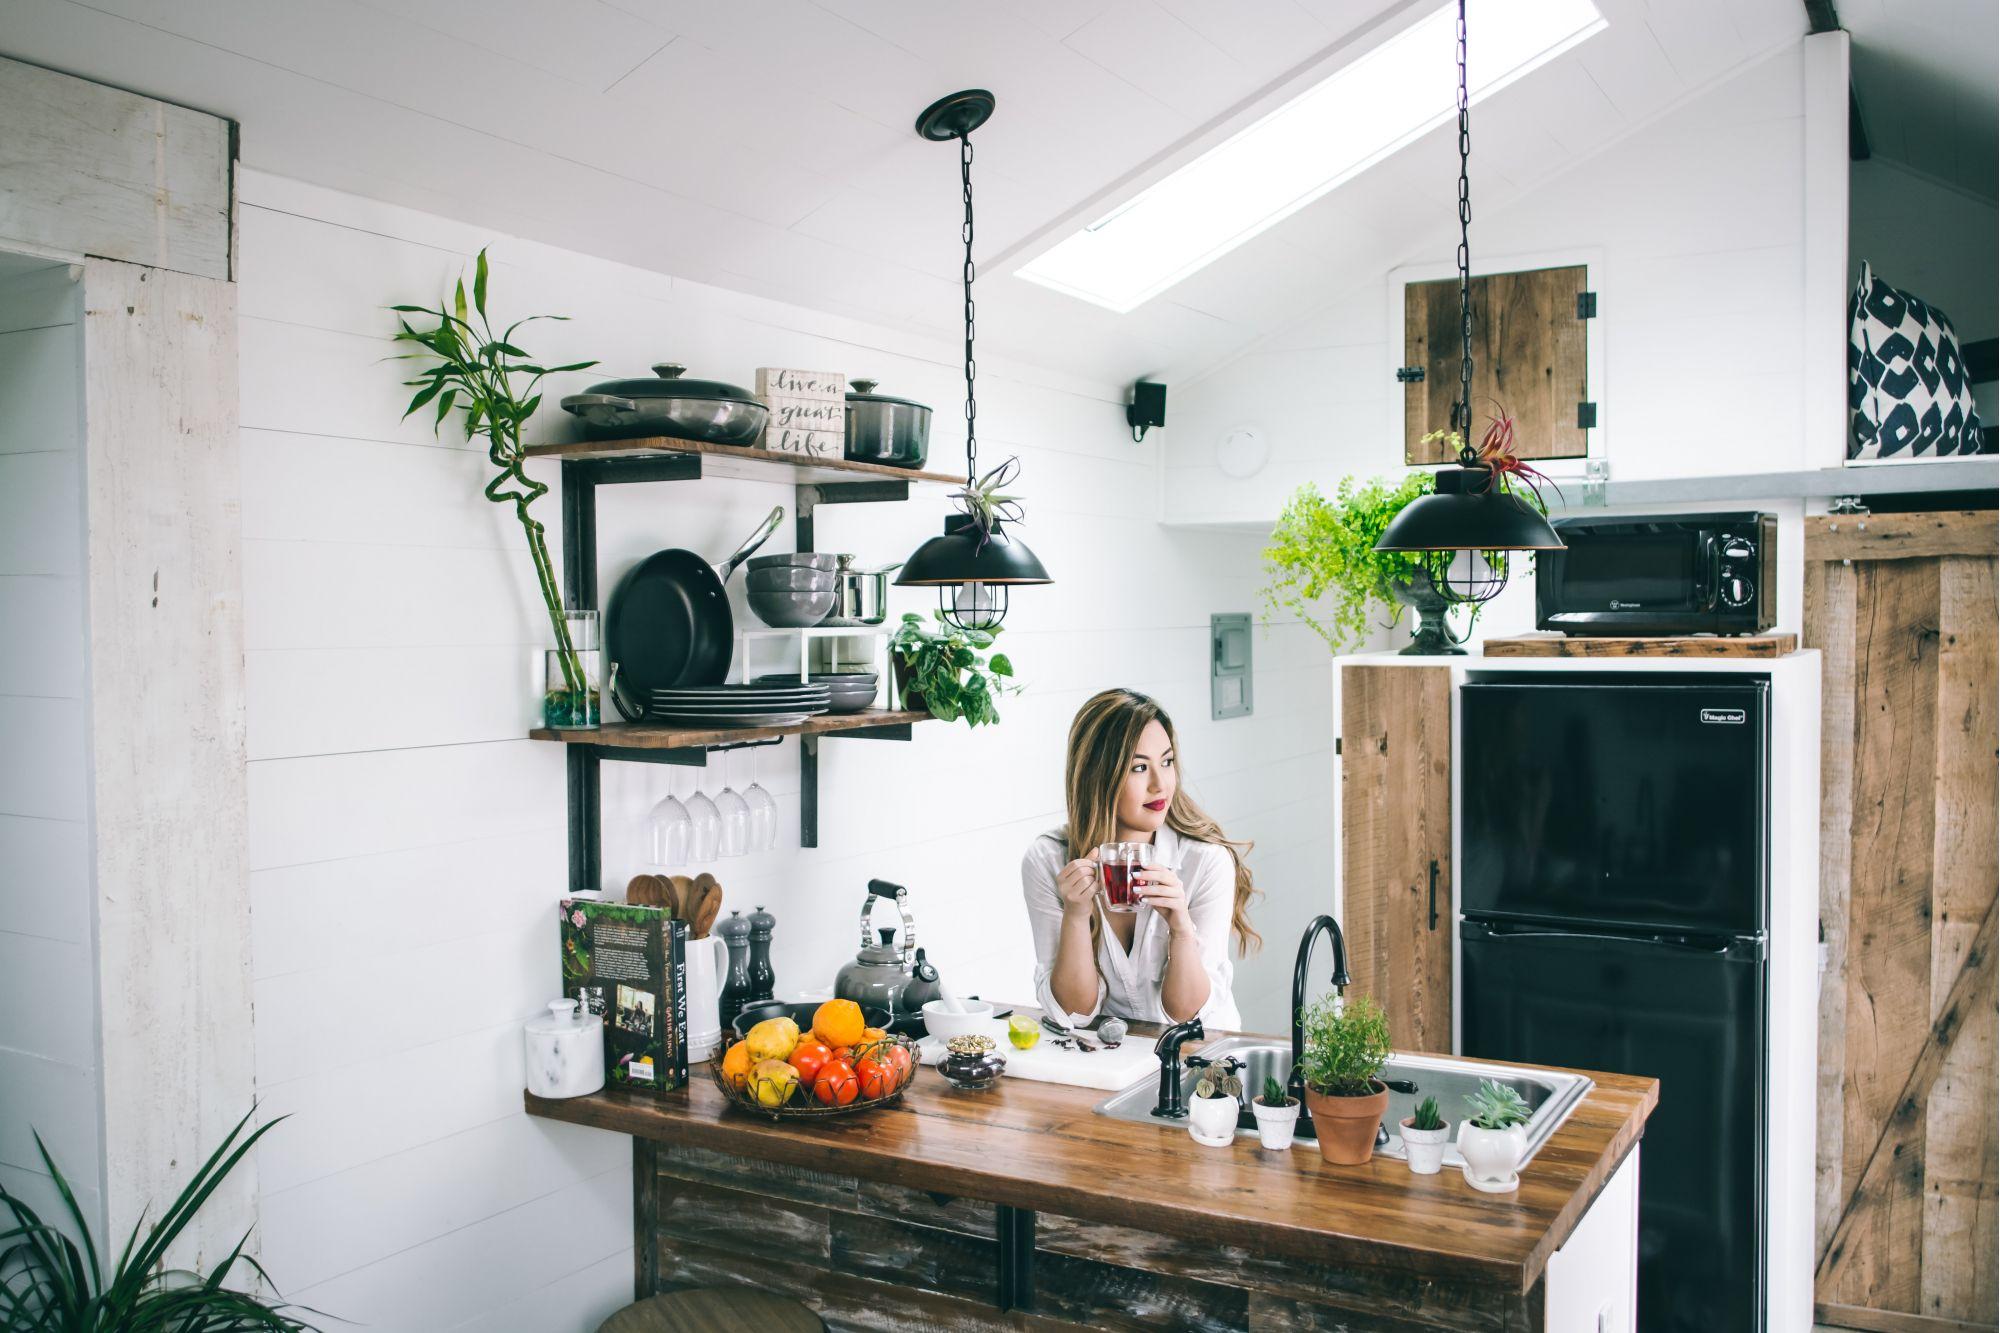 idee di riciclo per la cucina